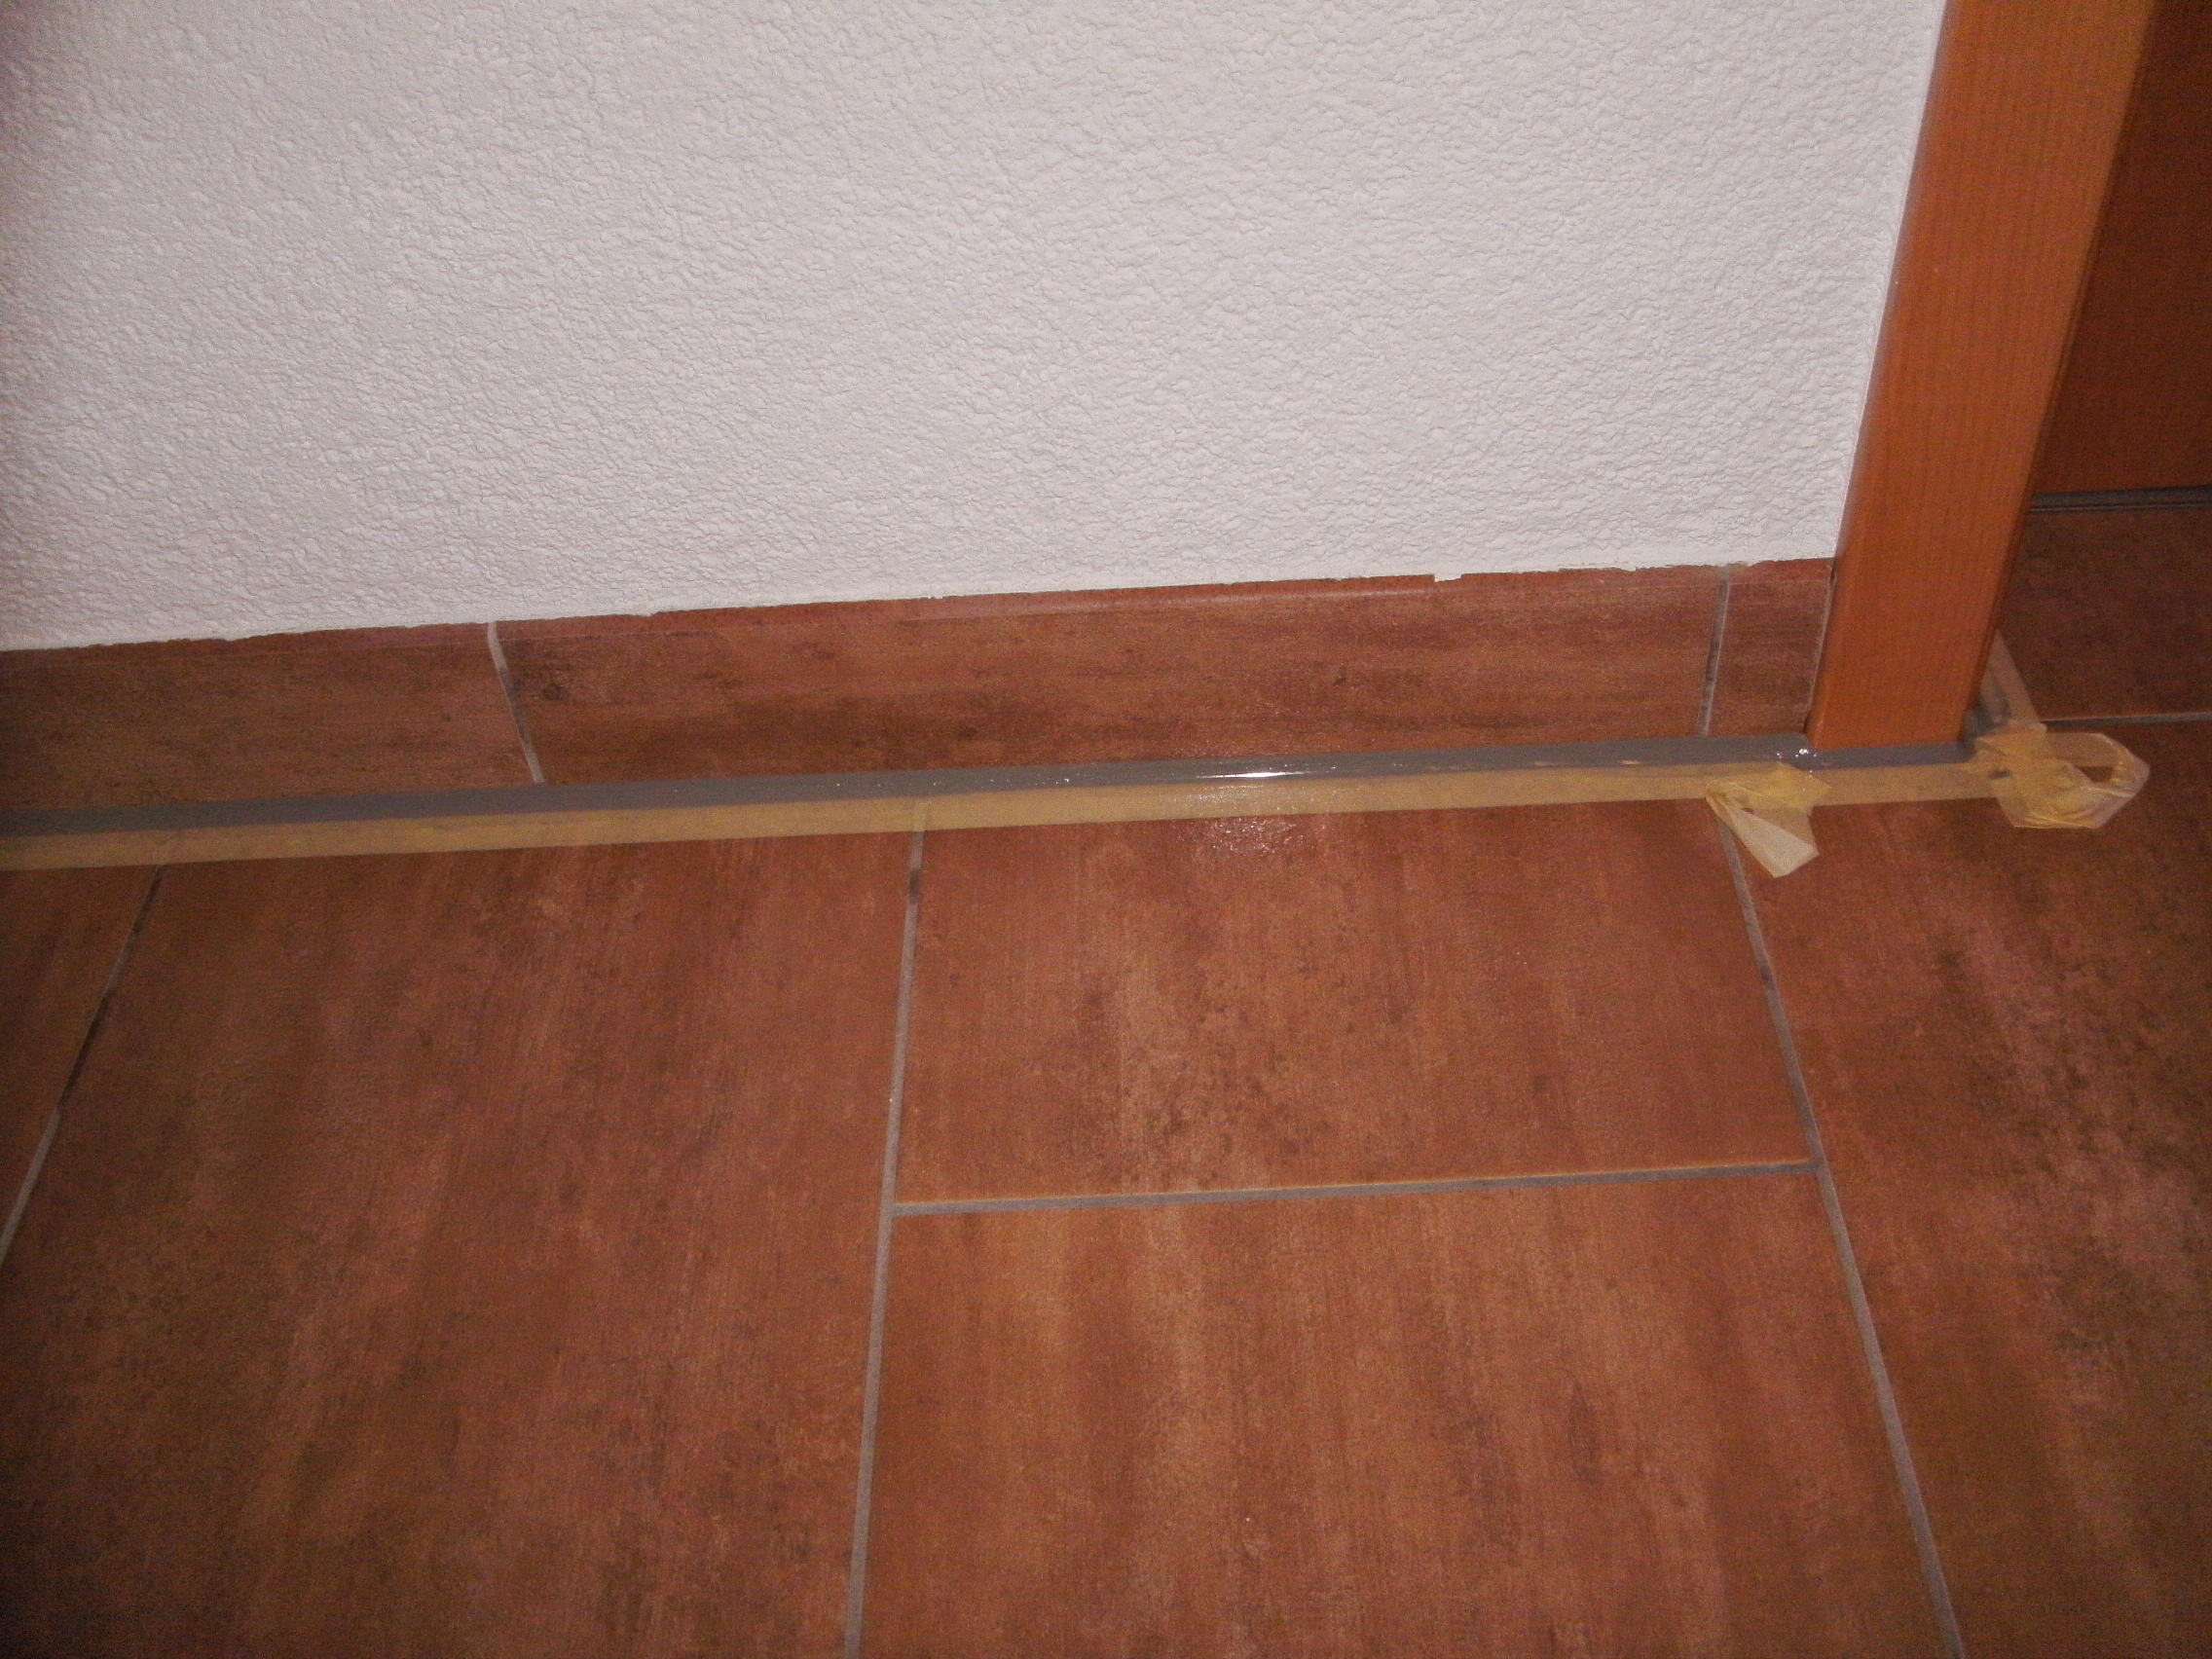 3 probleme mit elastischen fugen herstellung einer sockelanschlussfuge. Black Bedroom Furniture Sets. Home Design Ideas